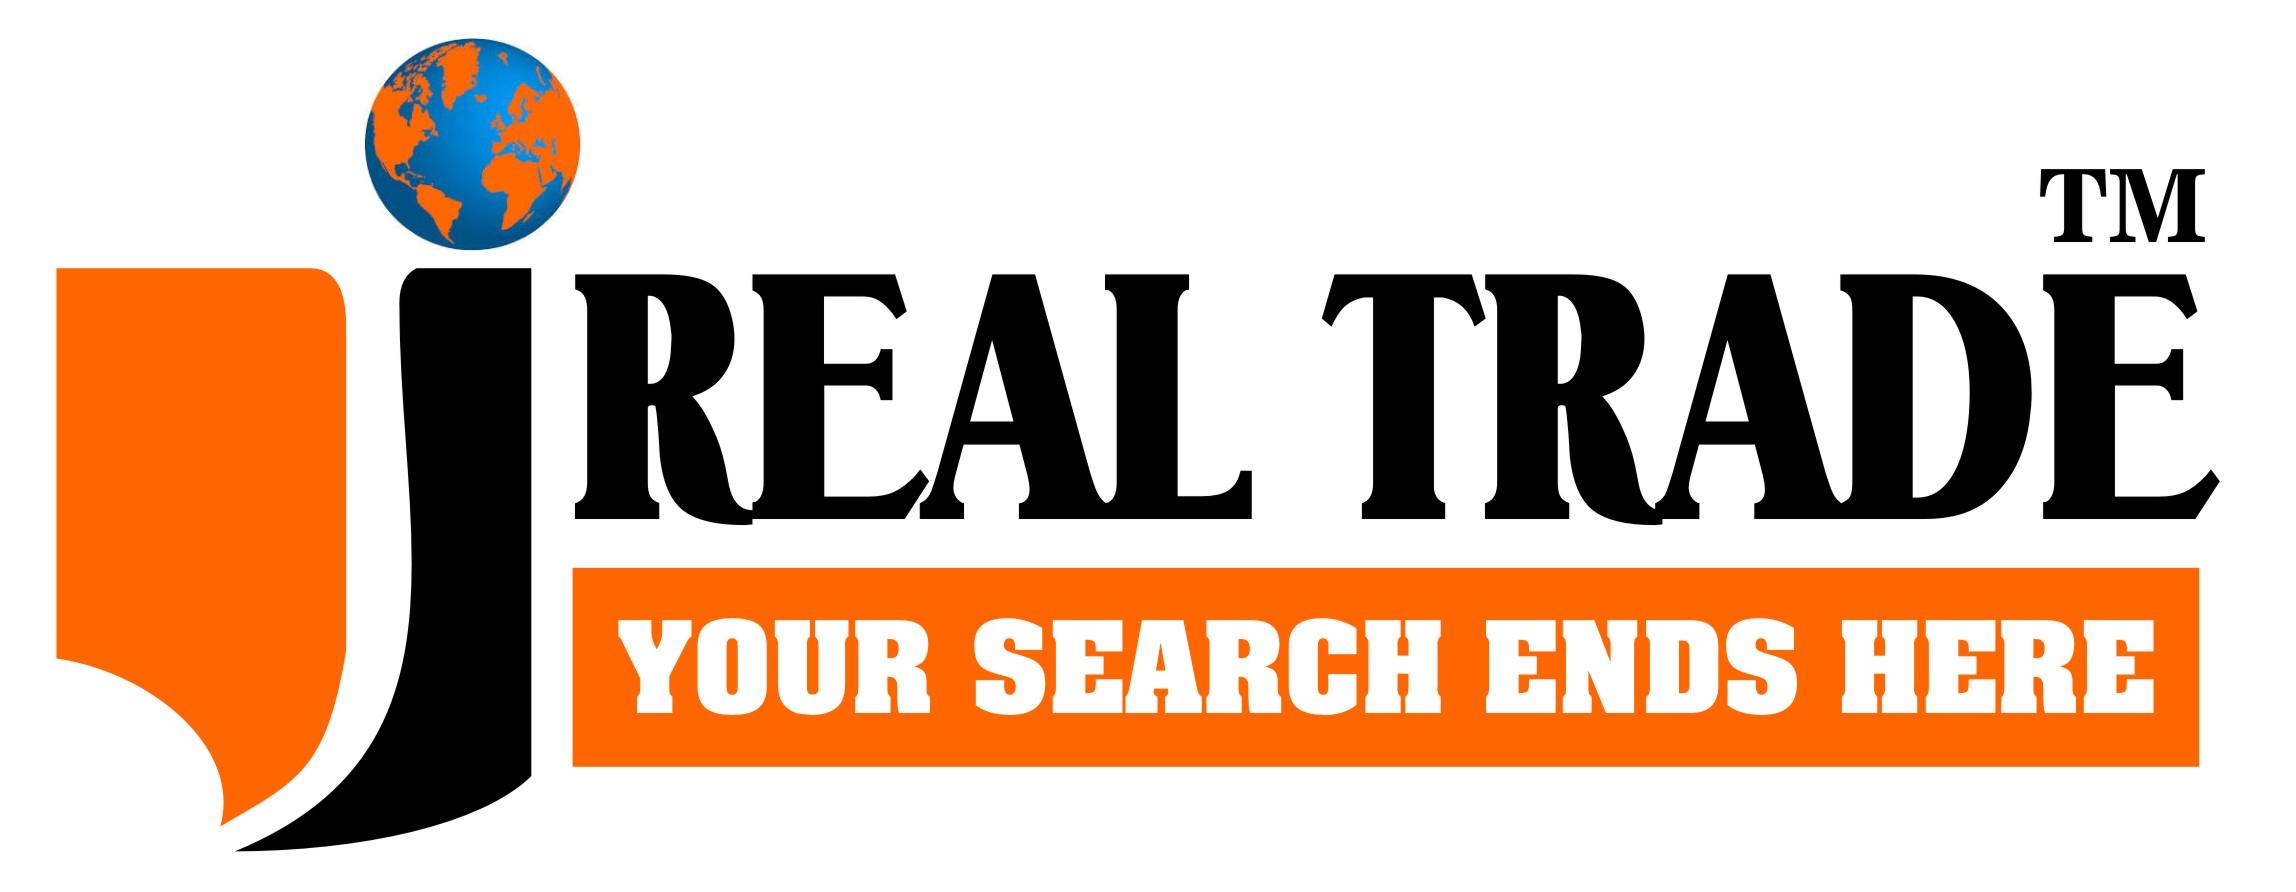 jsrtrade com – Indian Business Directory,International business